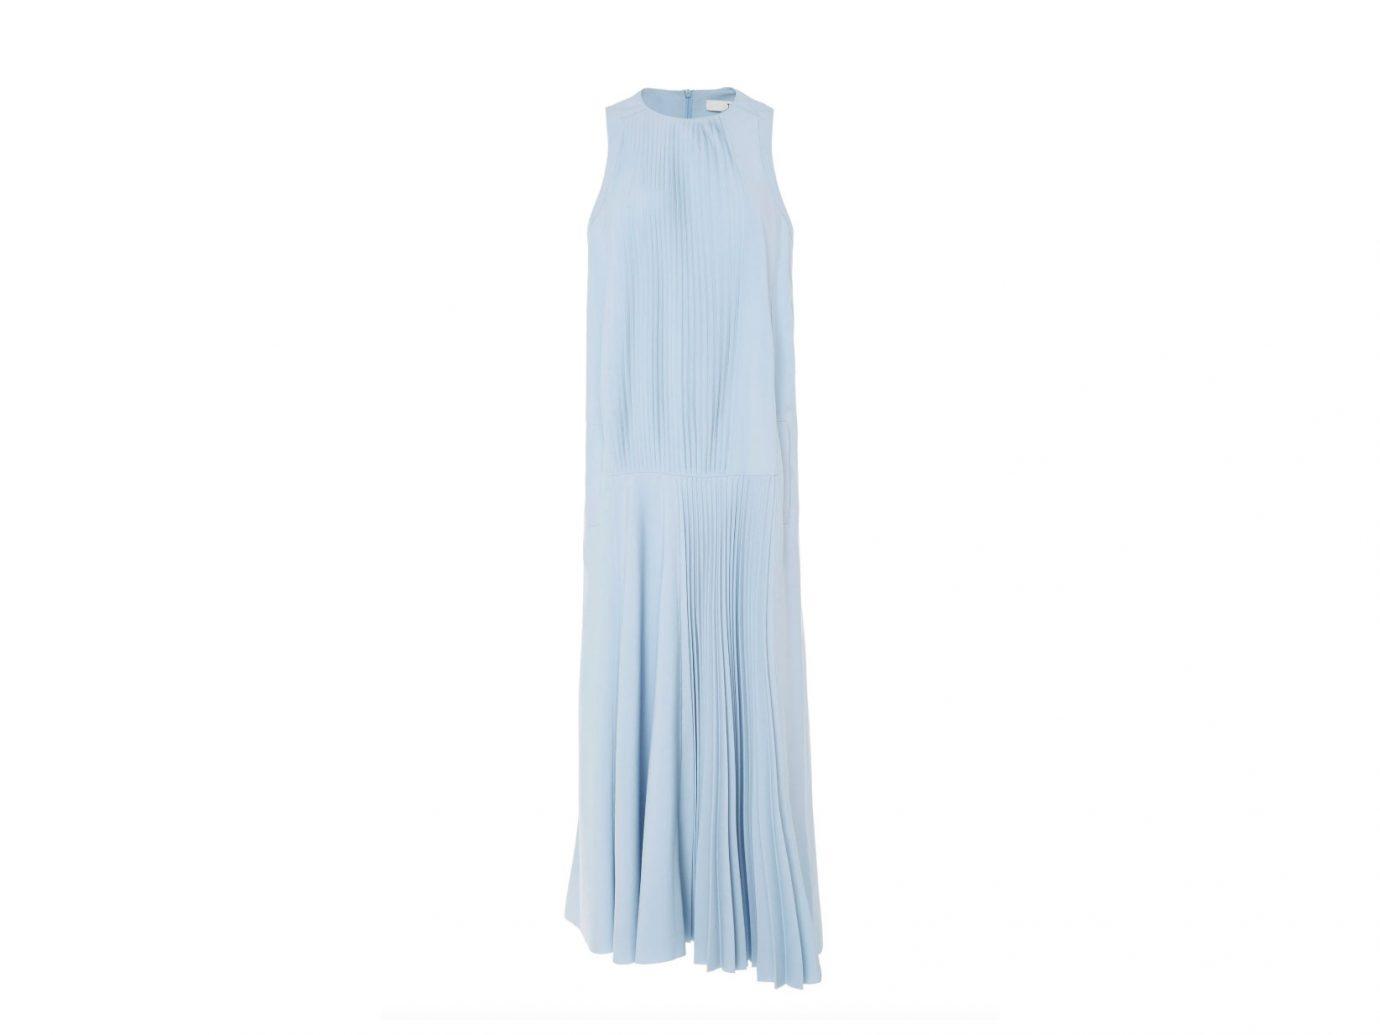 powder blue Tibi maxi dress